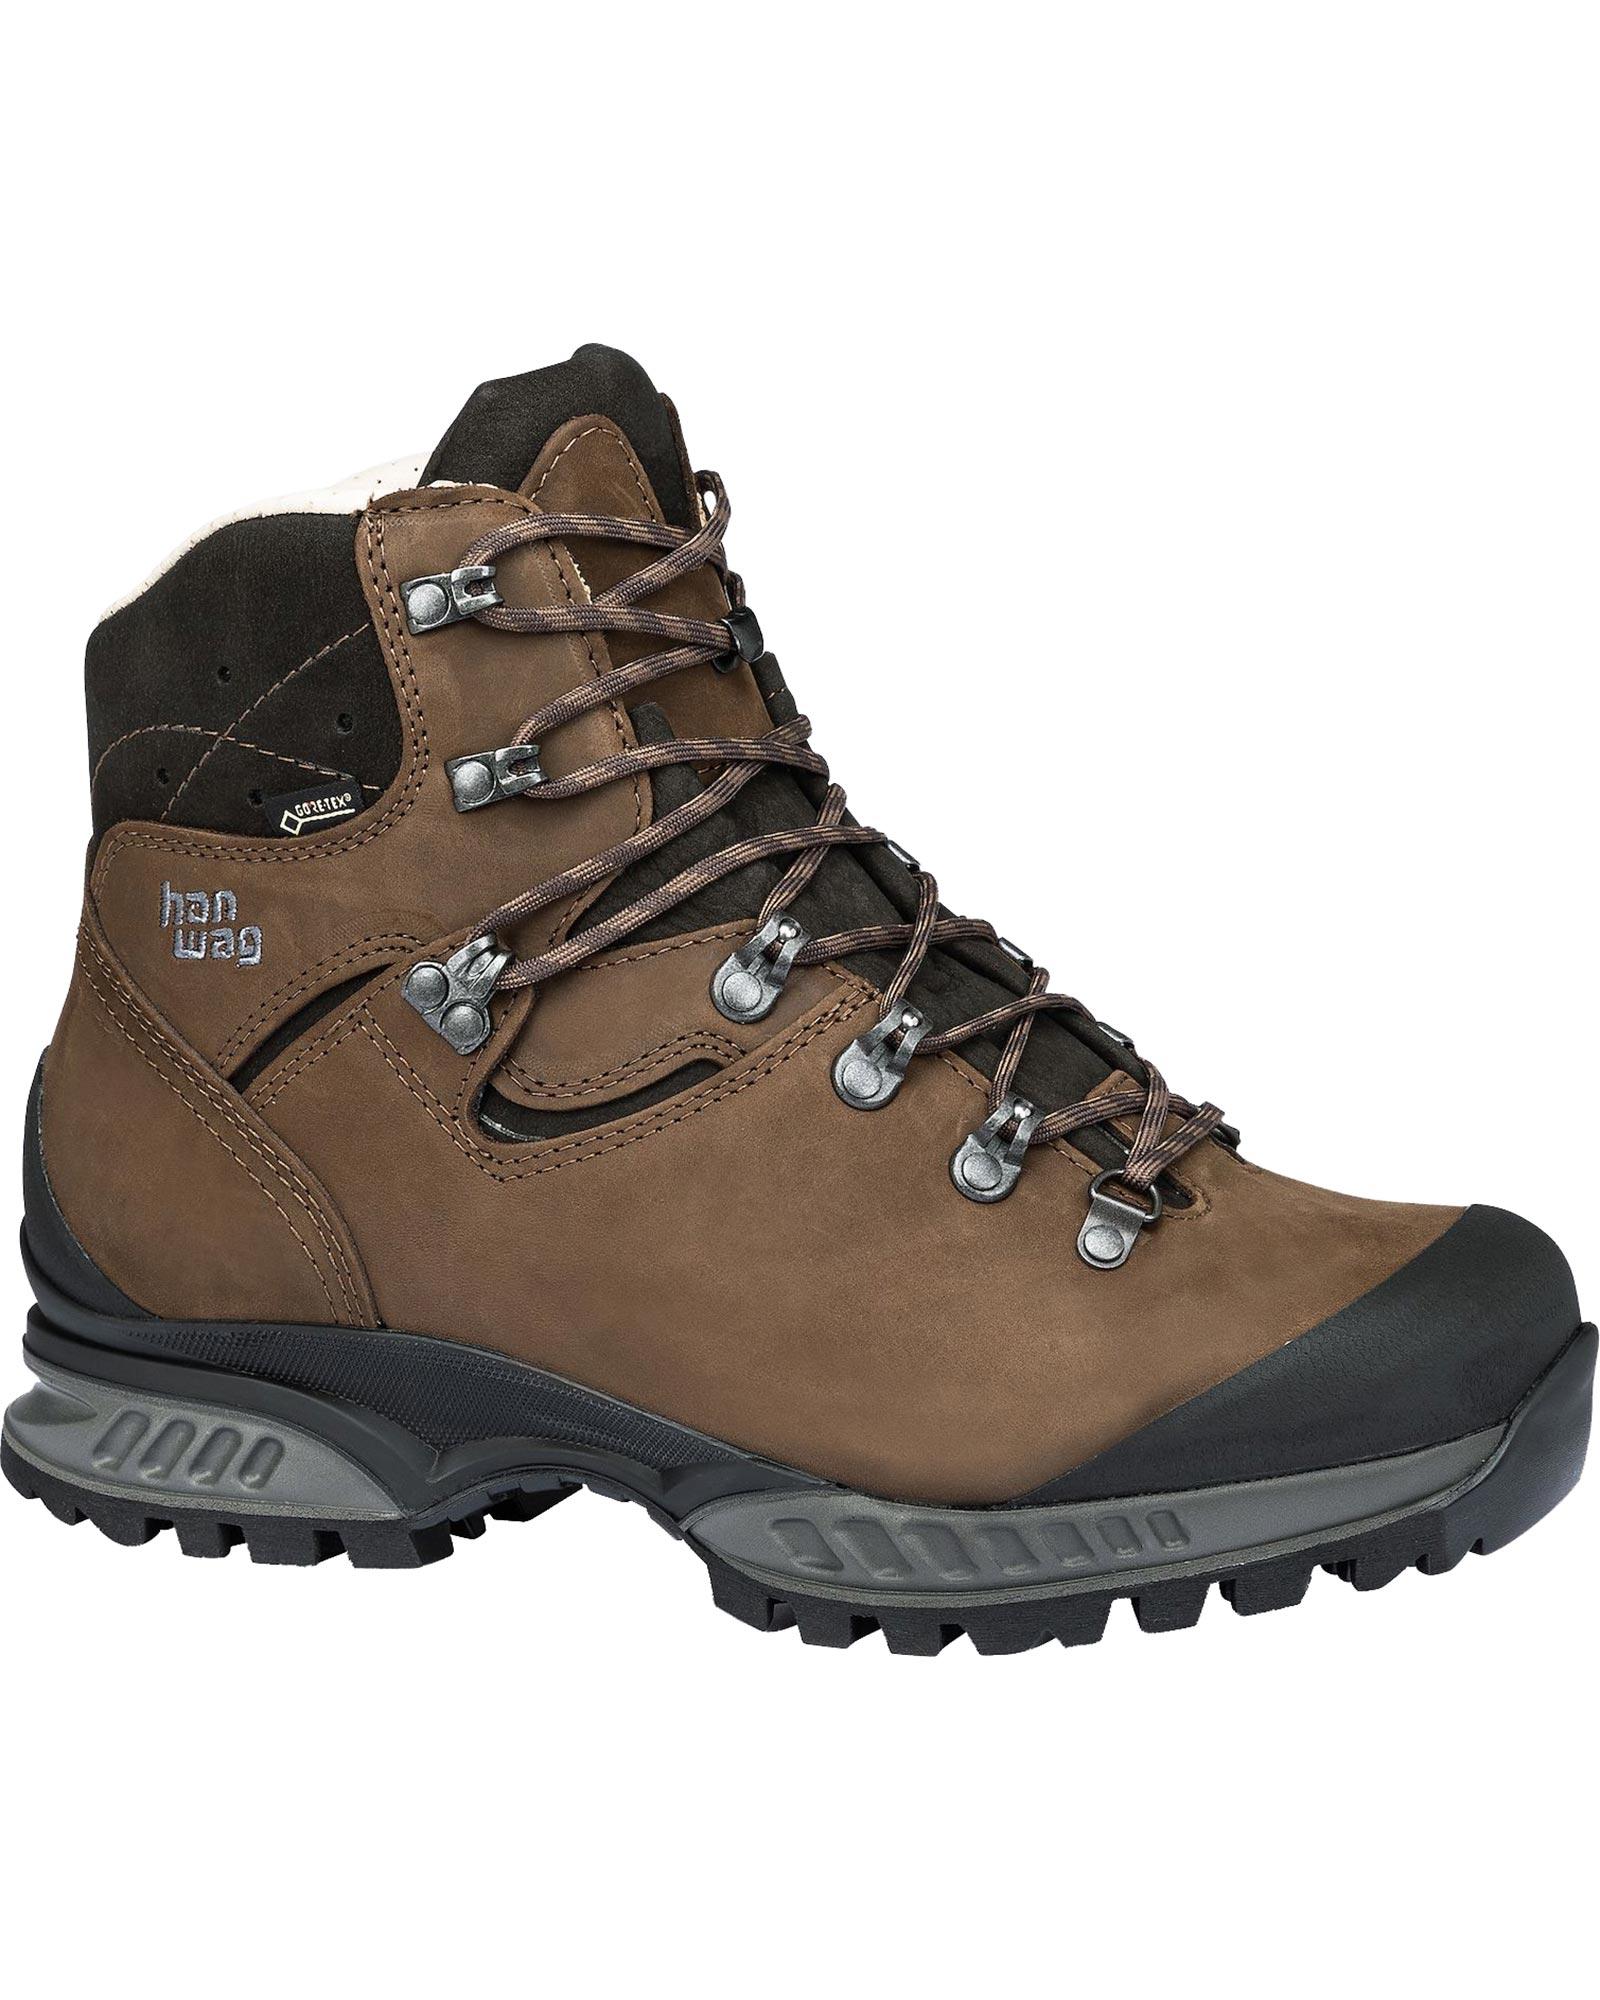 Hanwag Men's Tatra II GORE-TEX Walking Boots 0